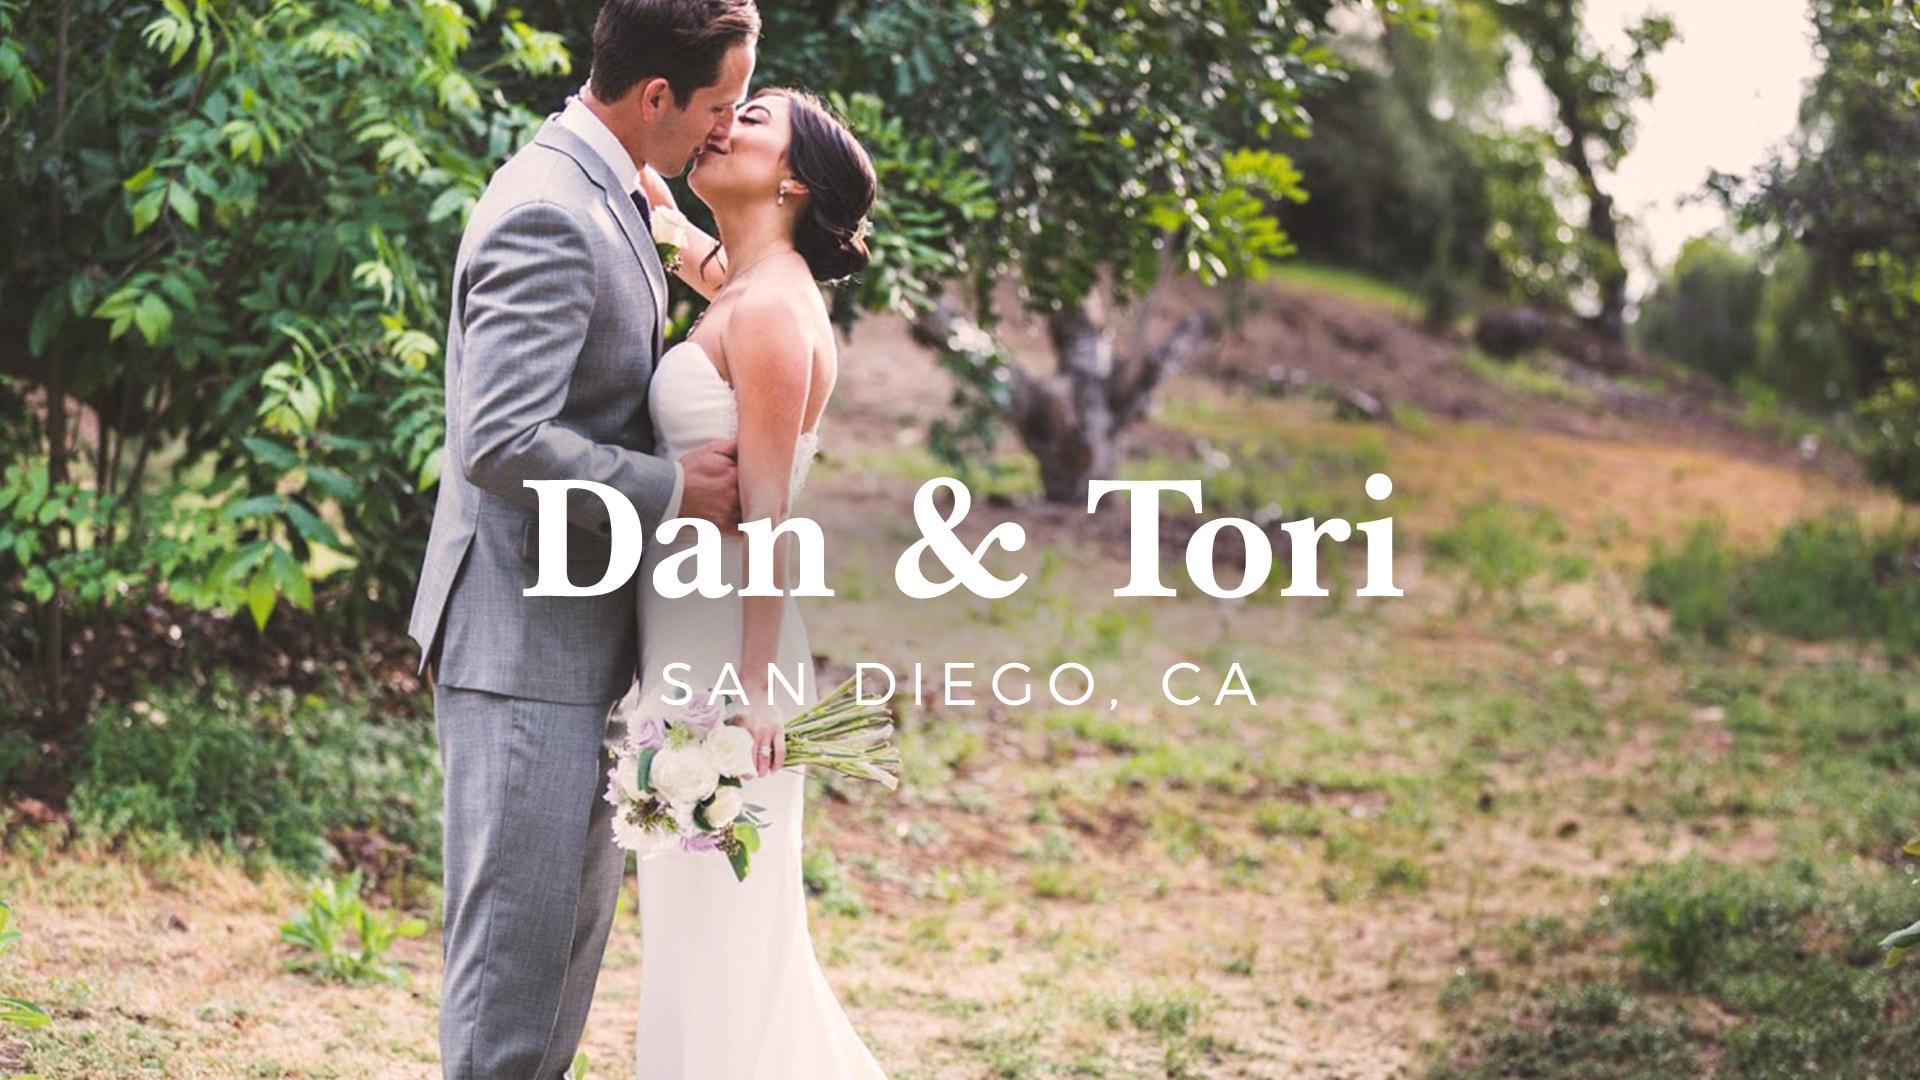 Dan & Tori Peck